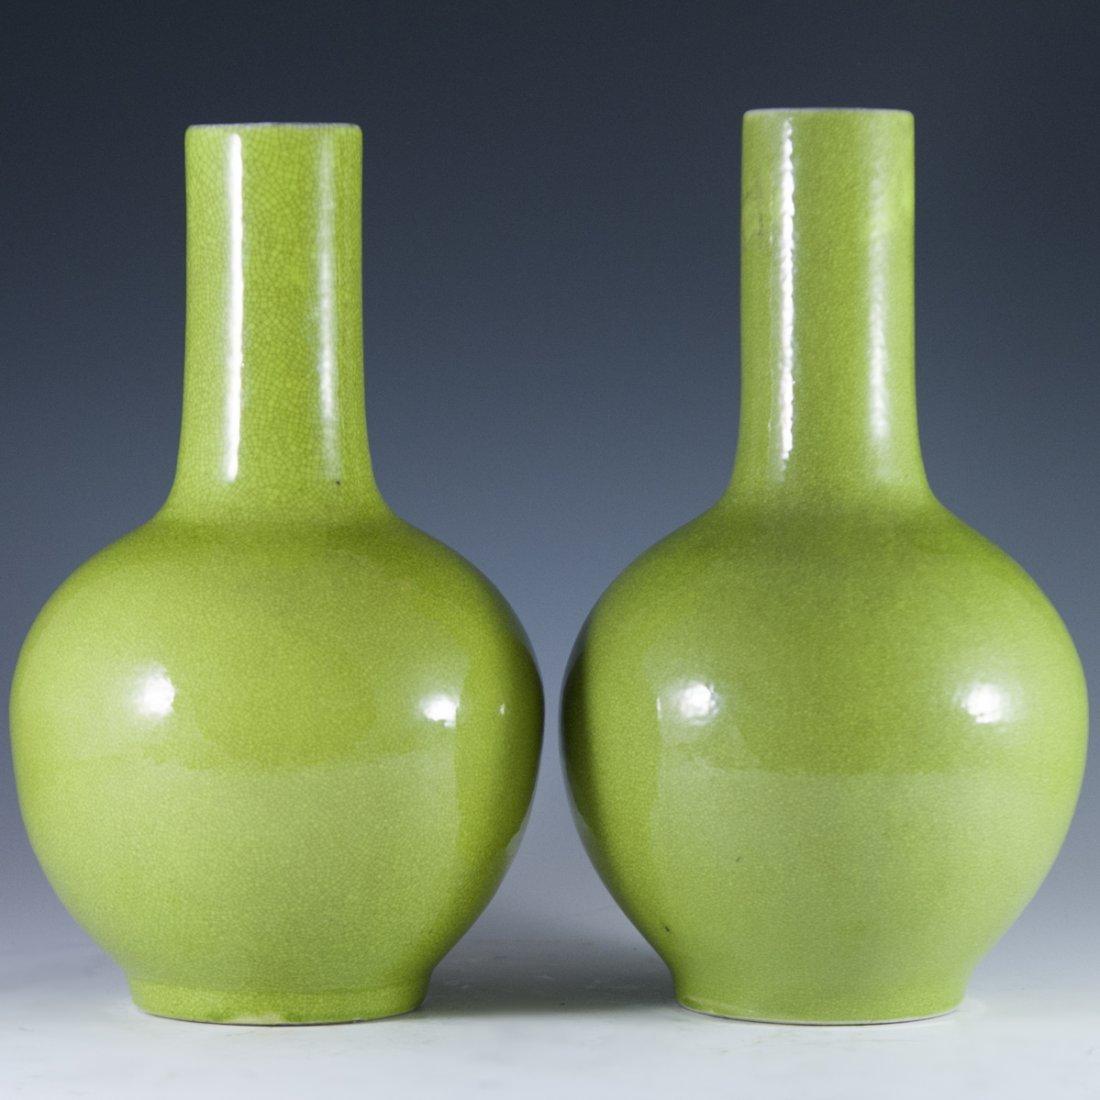 Chinese Porcelain Apple Green Bottle Vases